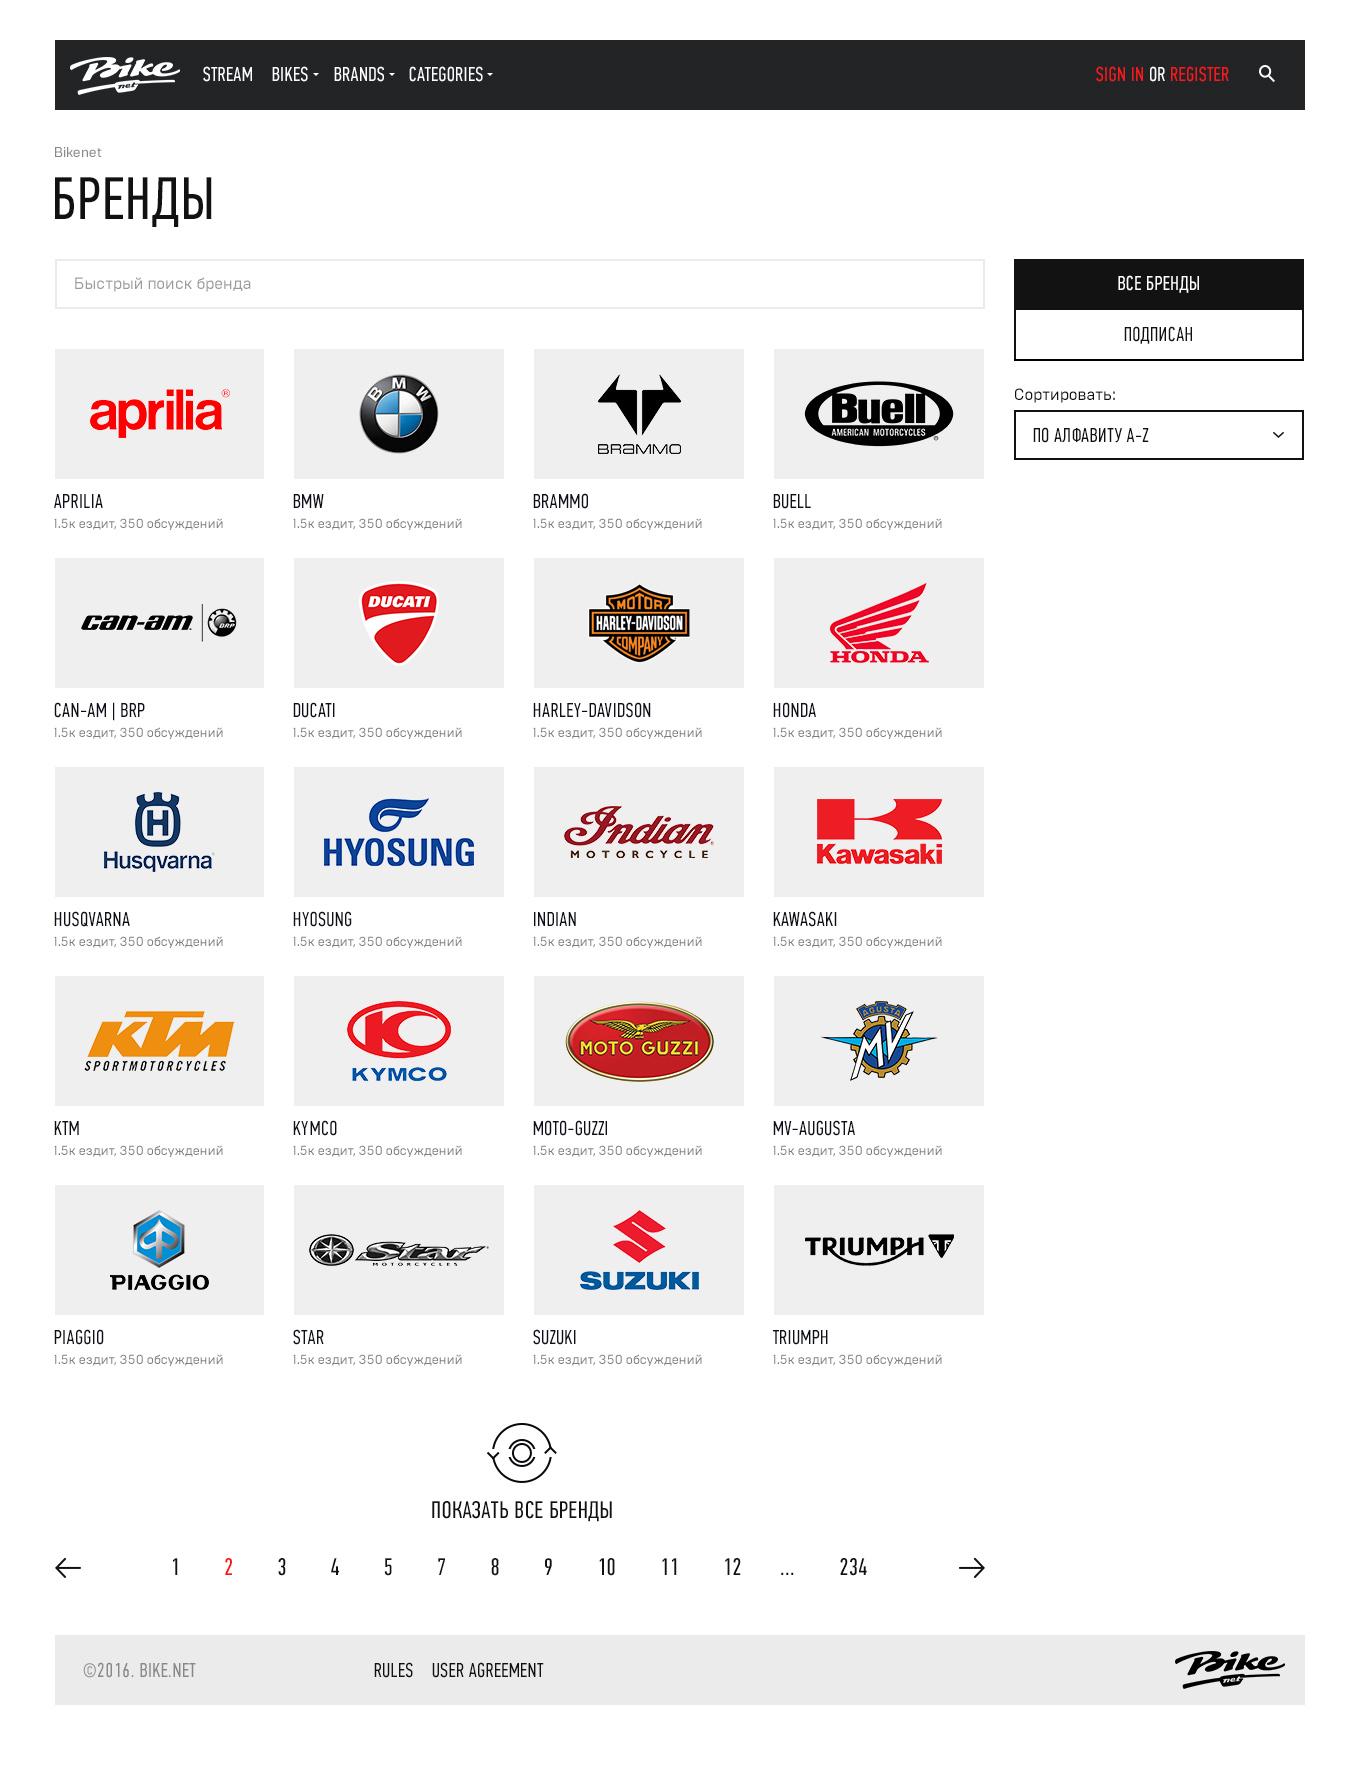 bikenet_brands